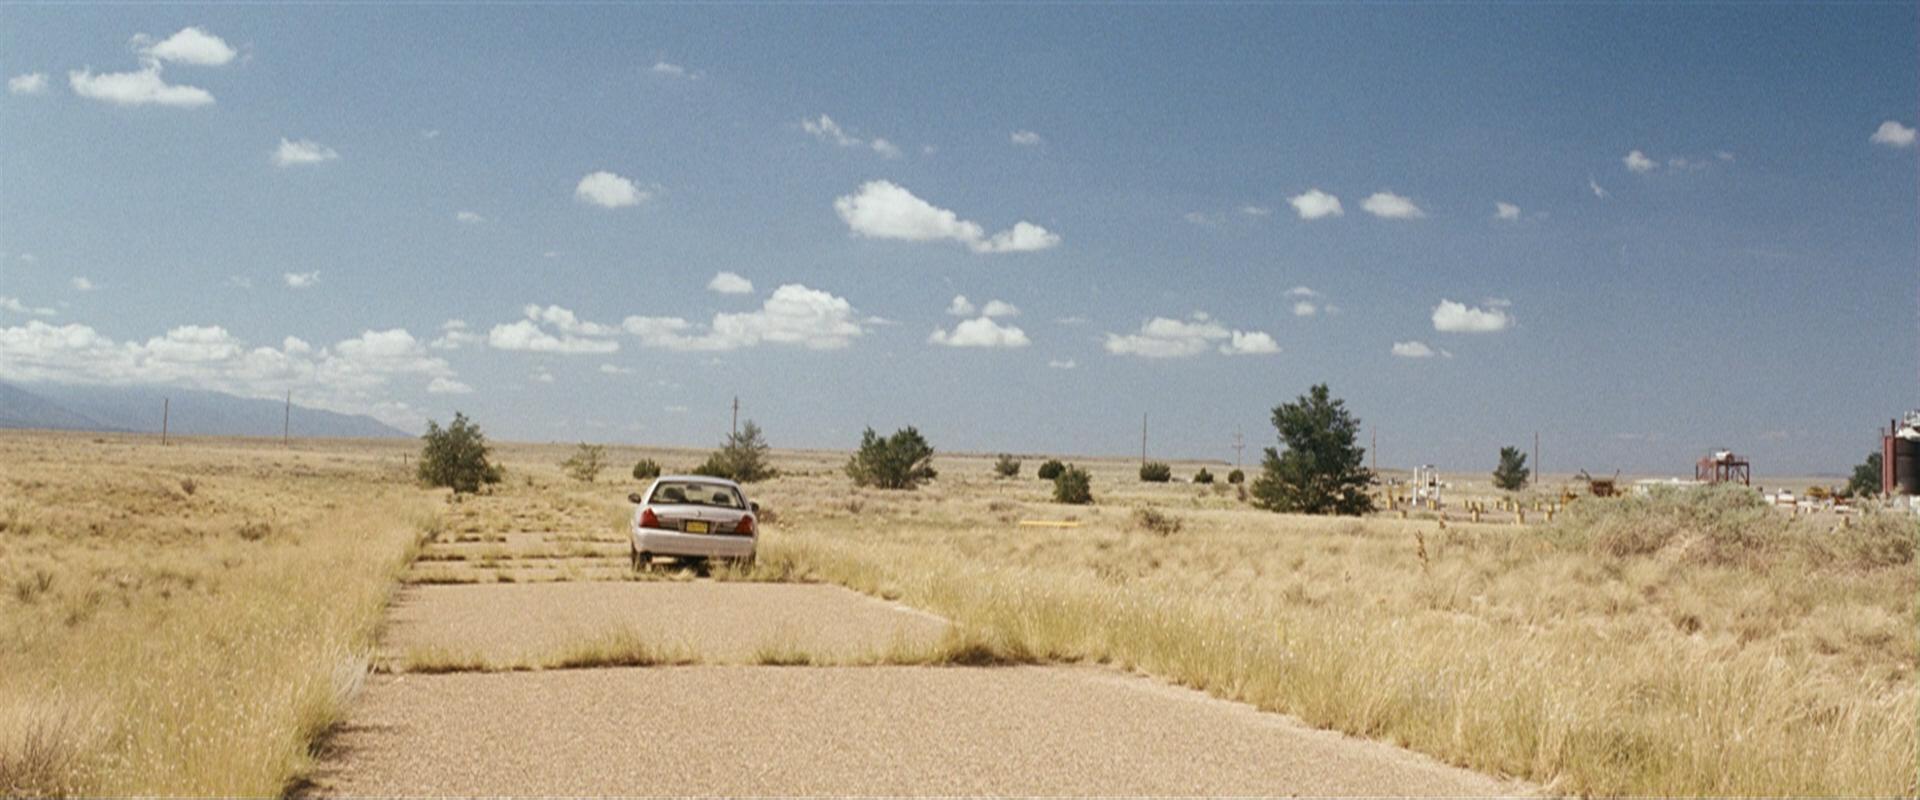 Святой Джон из Лас-Вегаса / Saint John of Las Vegas (2009) BDRip 1080p